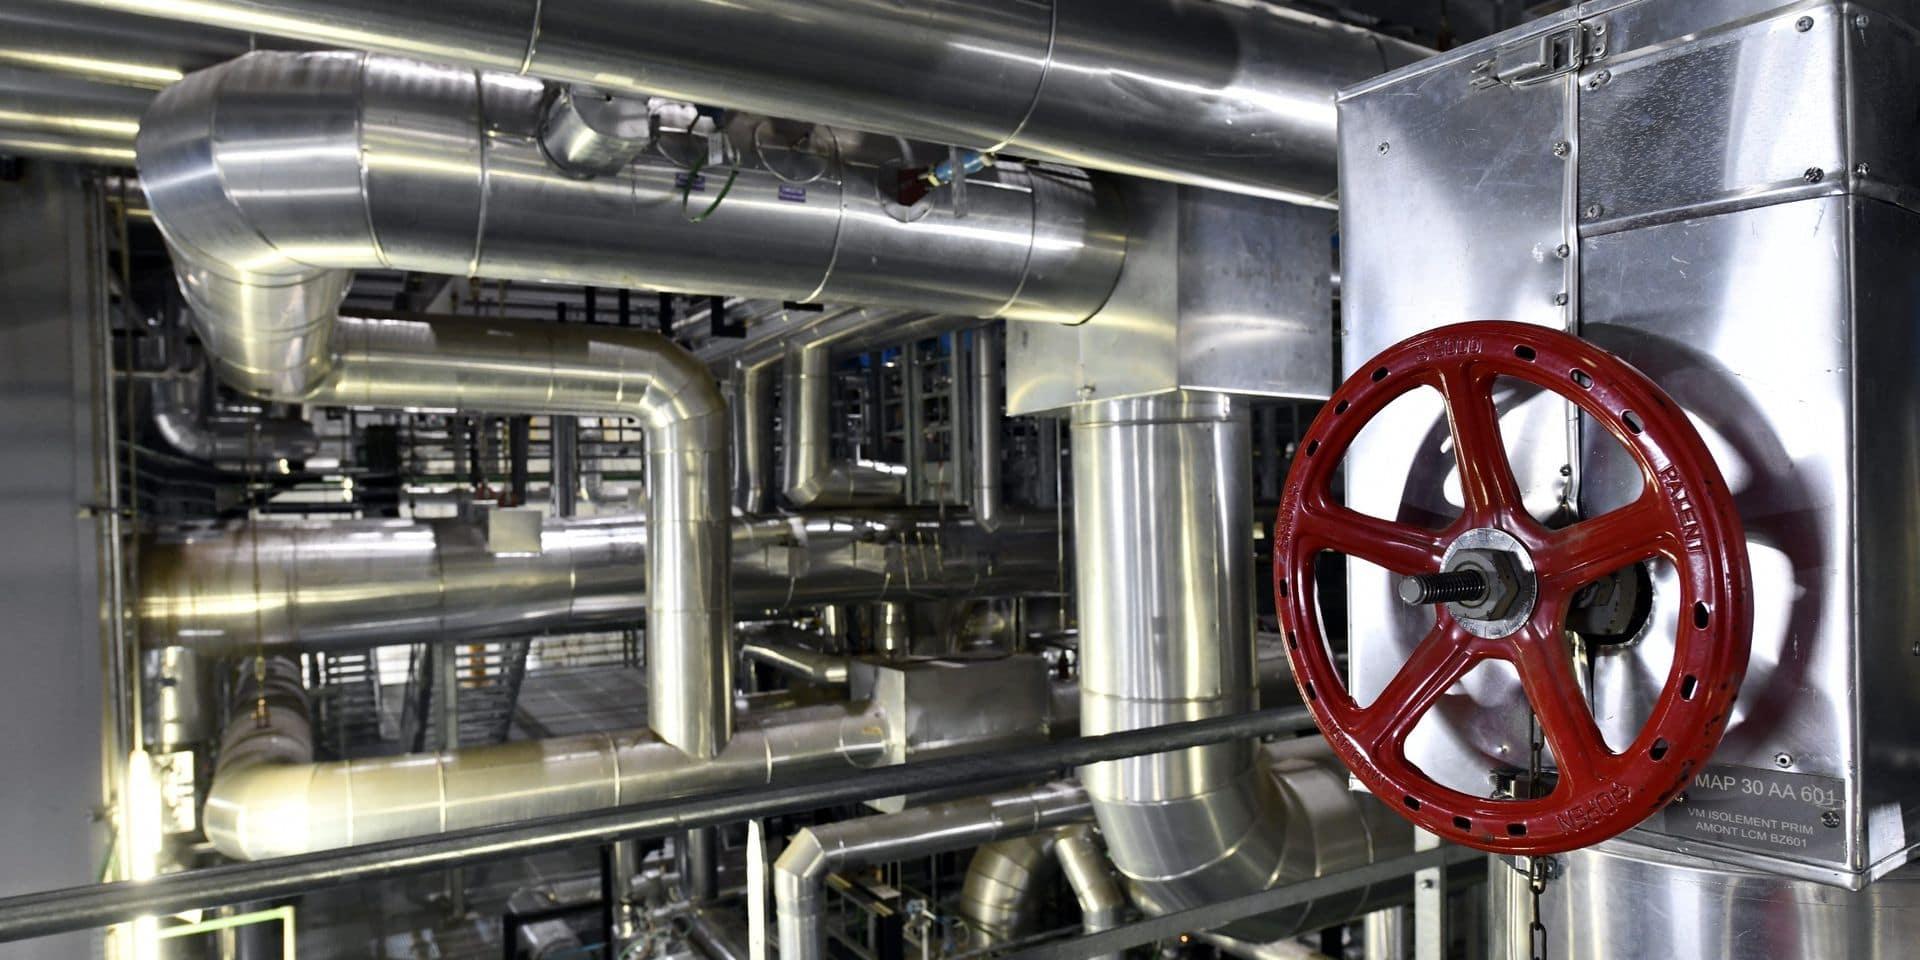 Cinq ans d'avance pour la conversion belge du gaz naturel pauvre vers le gaz naturel riche